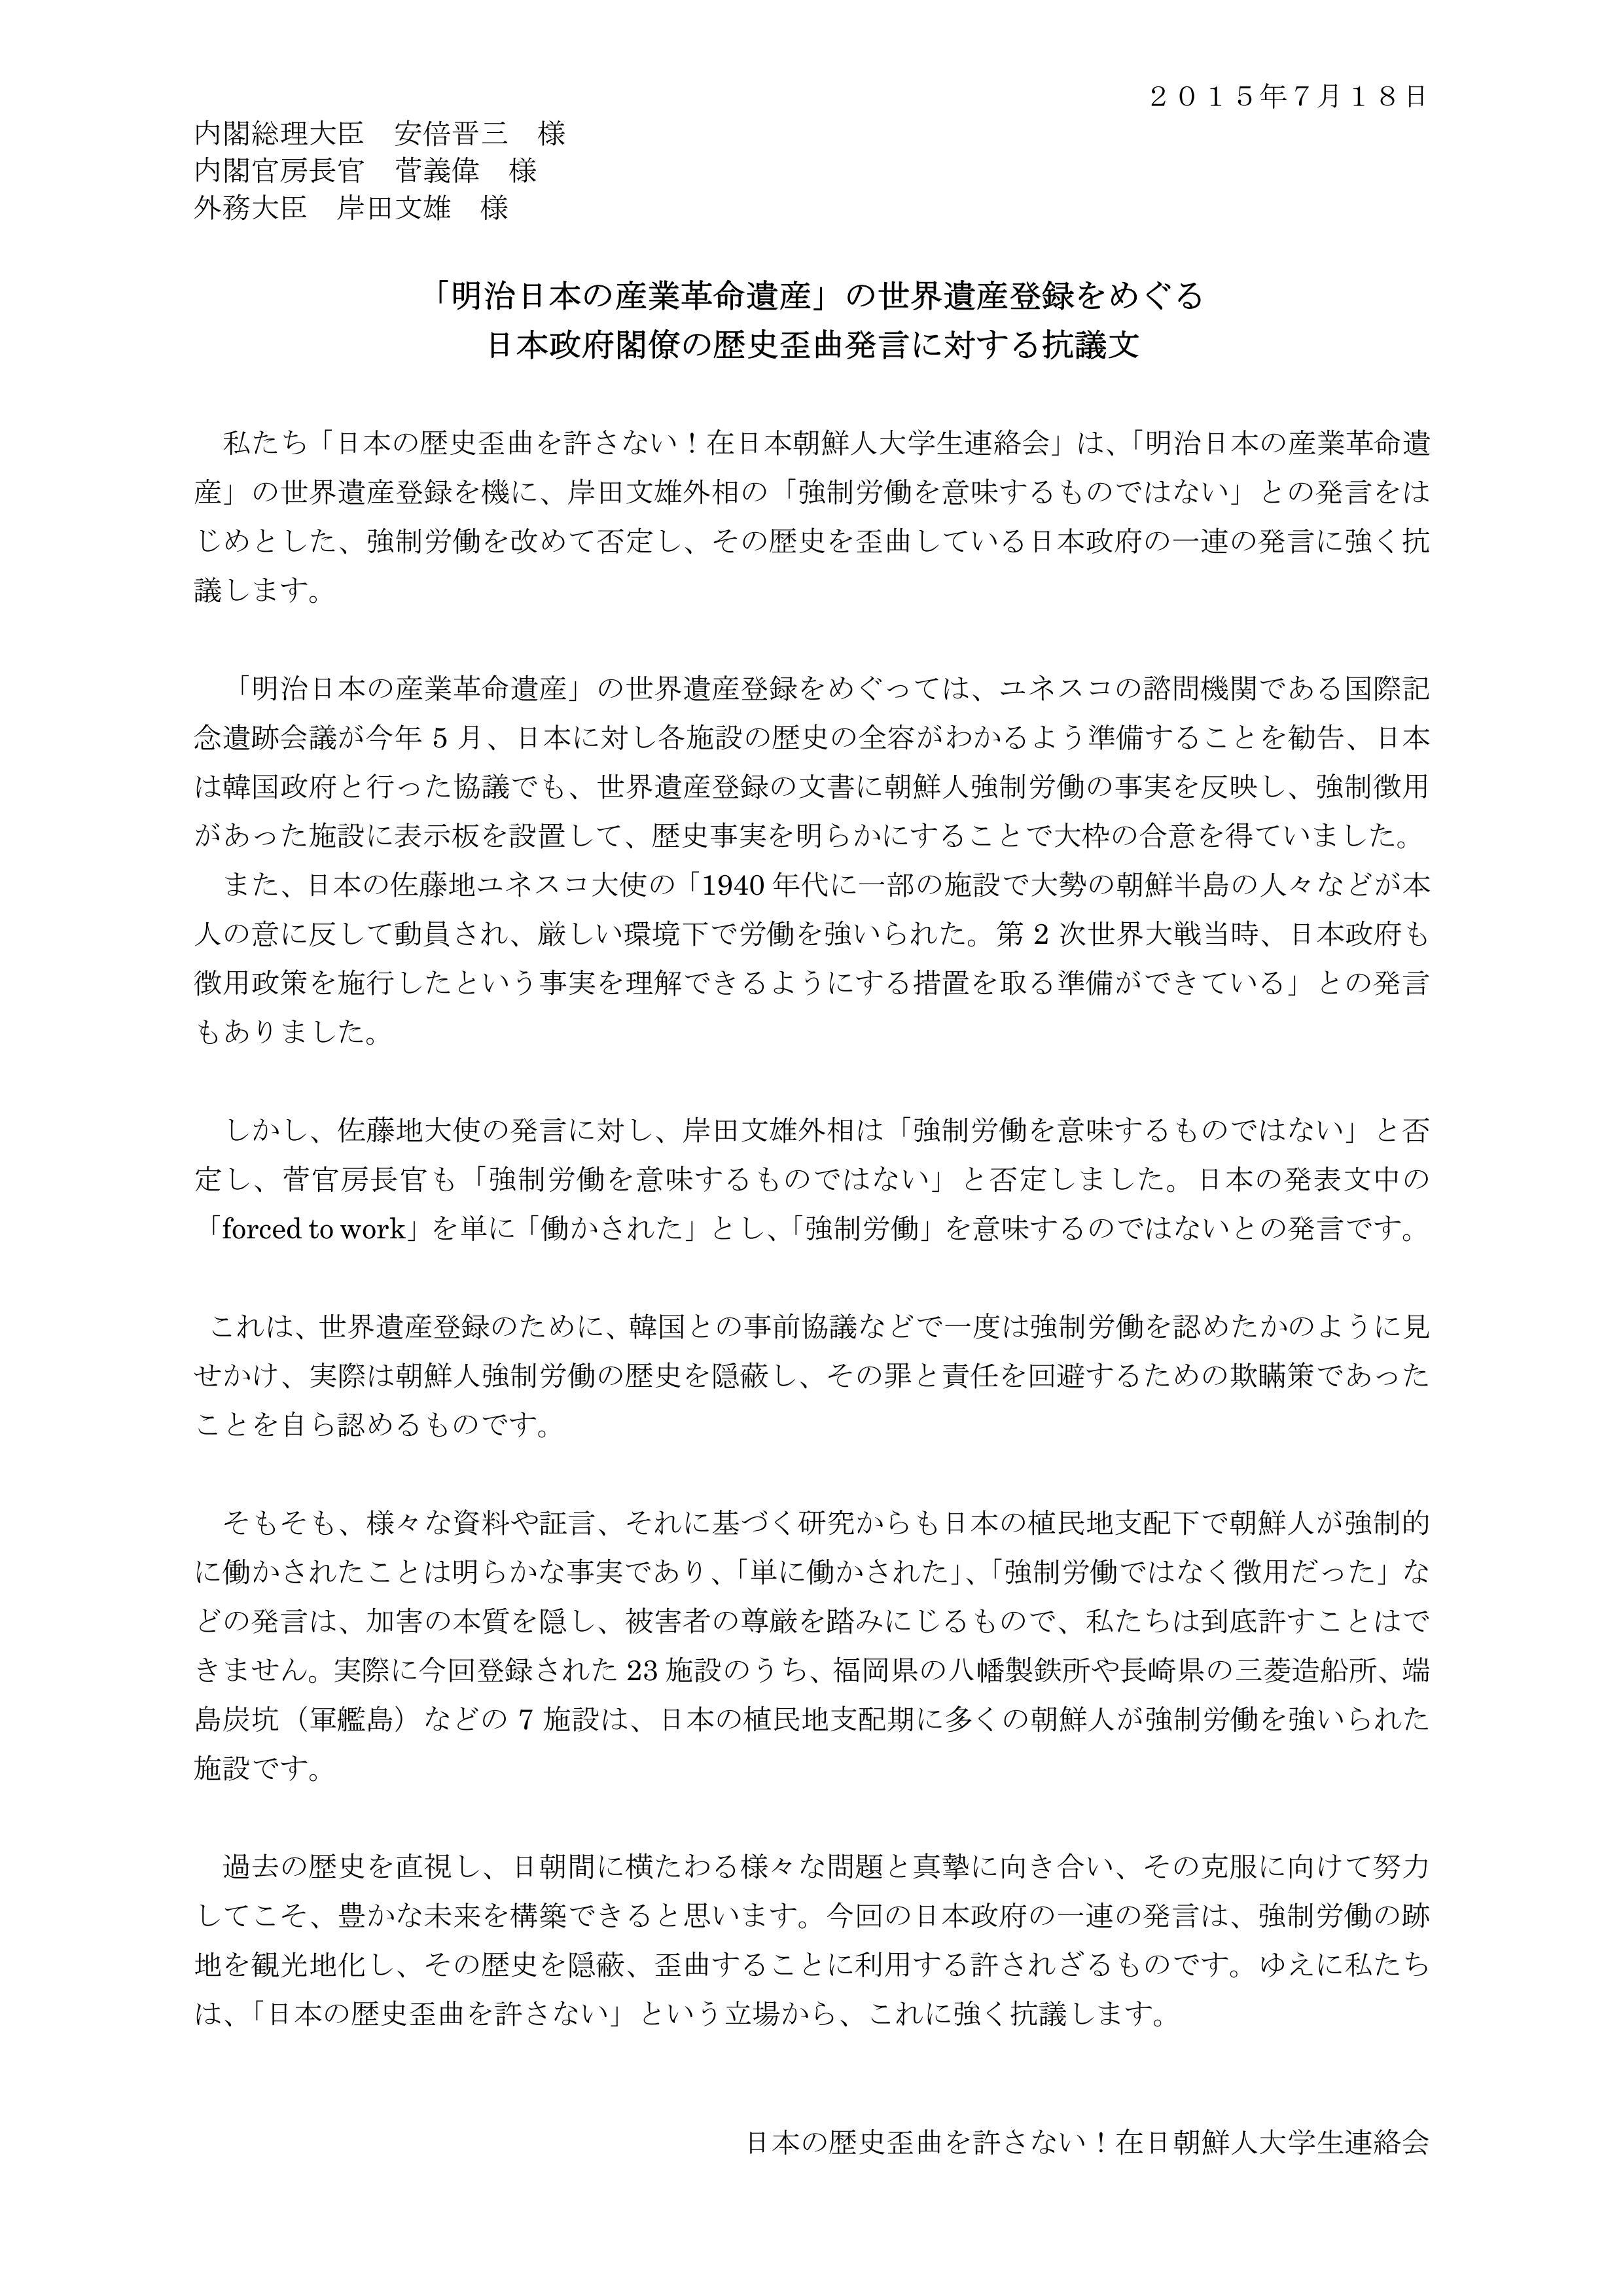 抗議文(世界遺産登録の件)_01